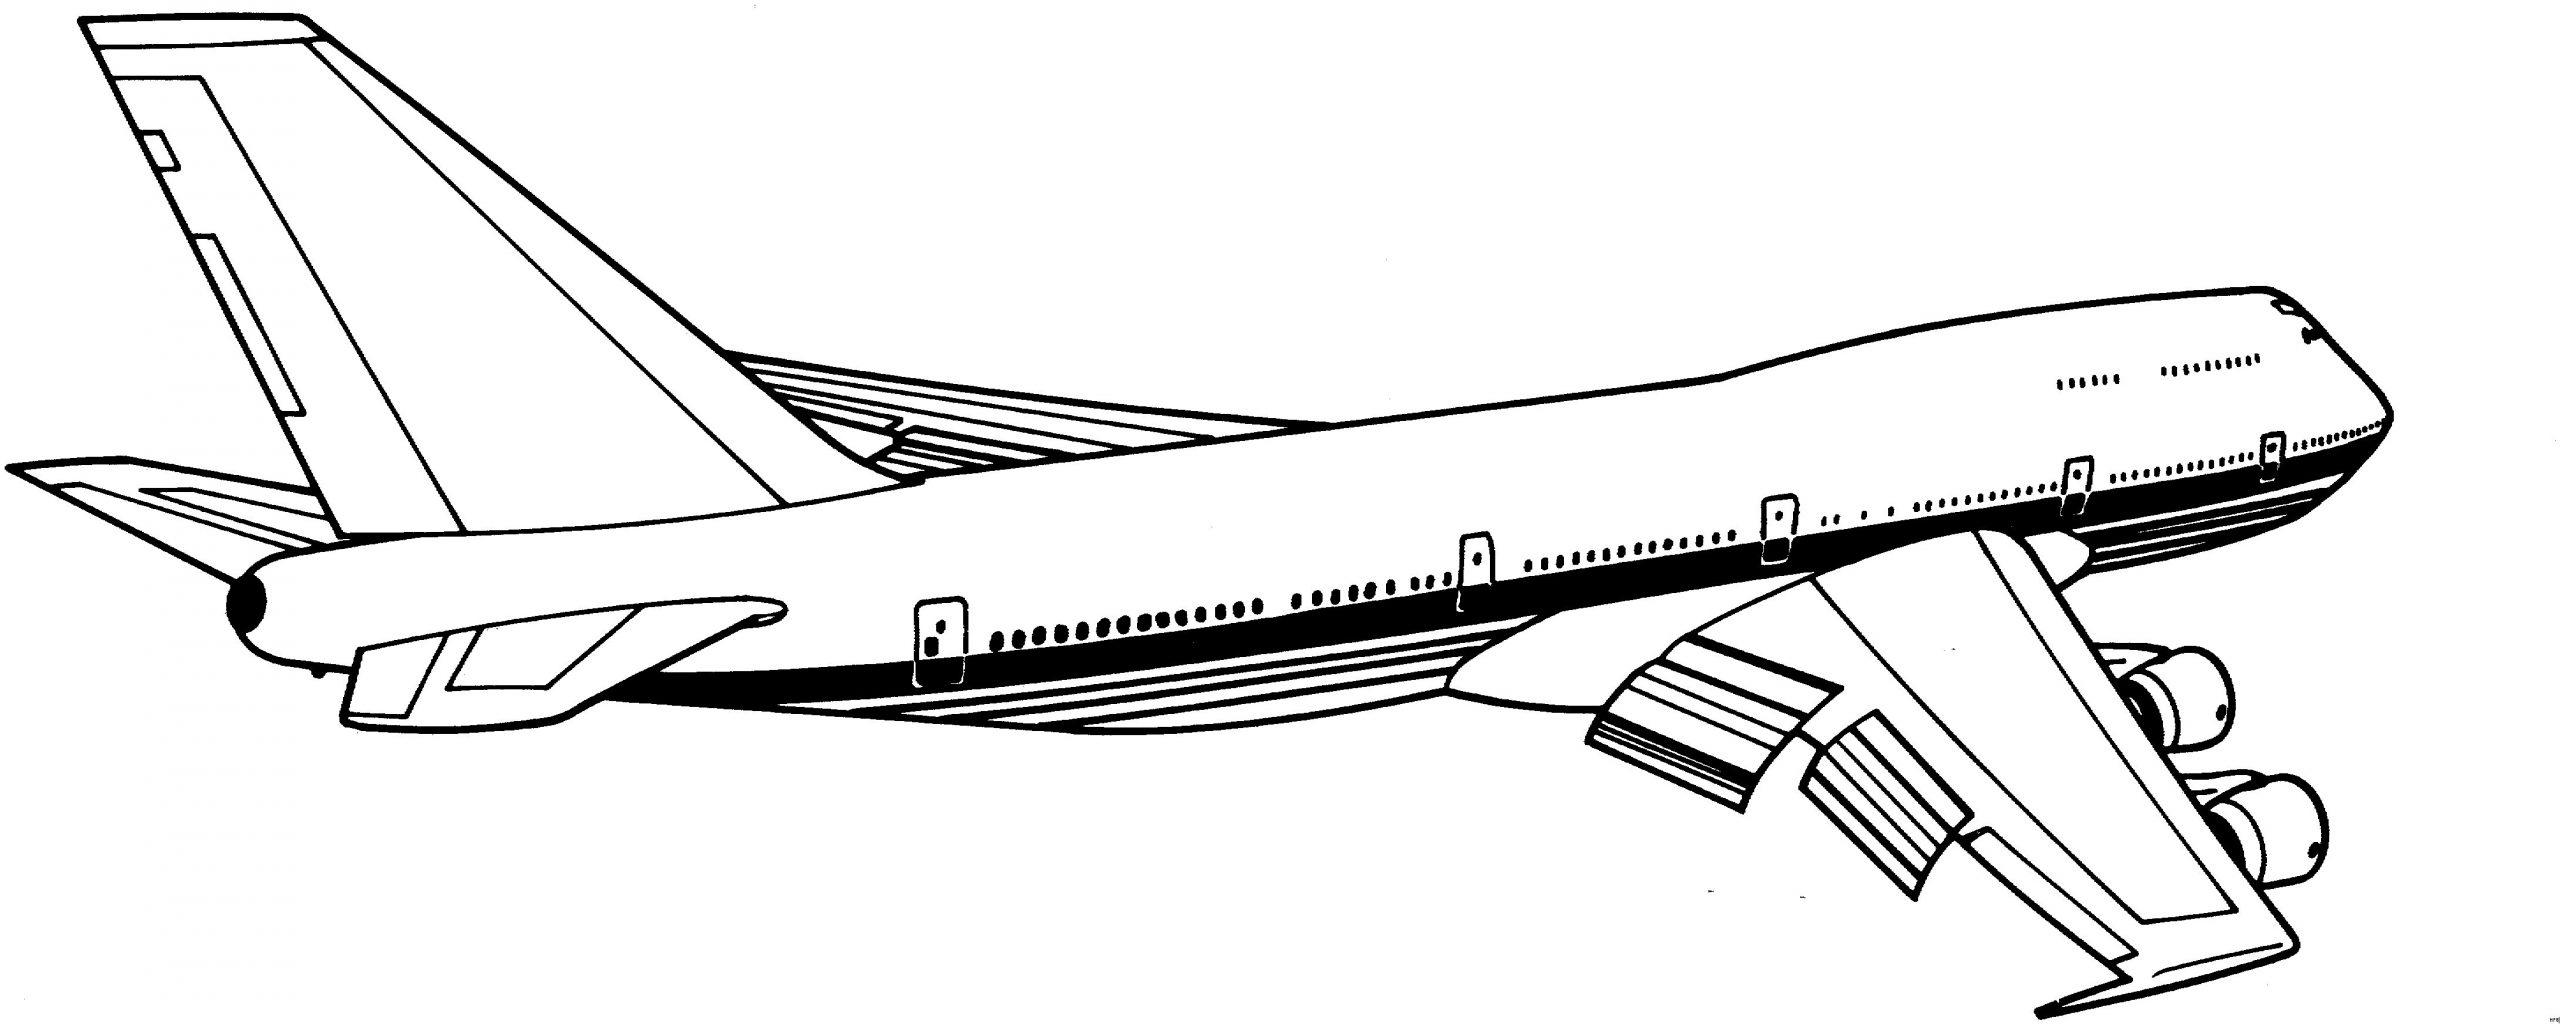 Malvorlagen Flugzeug Für Kinder Malvorlagen Flugzeug mit Ausmalbild Flugzeug